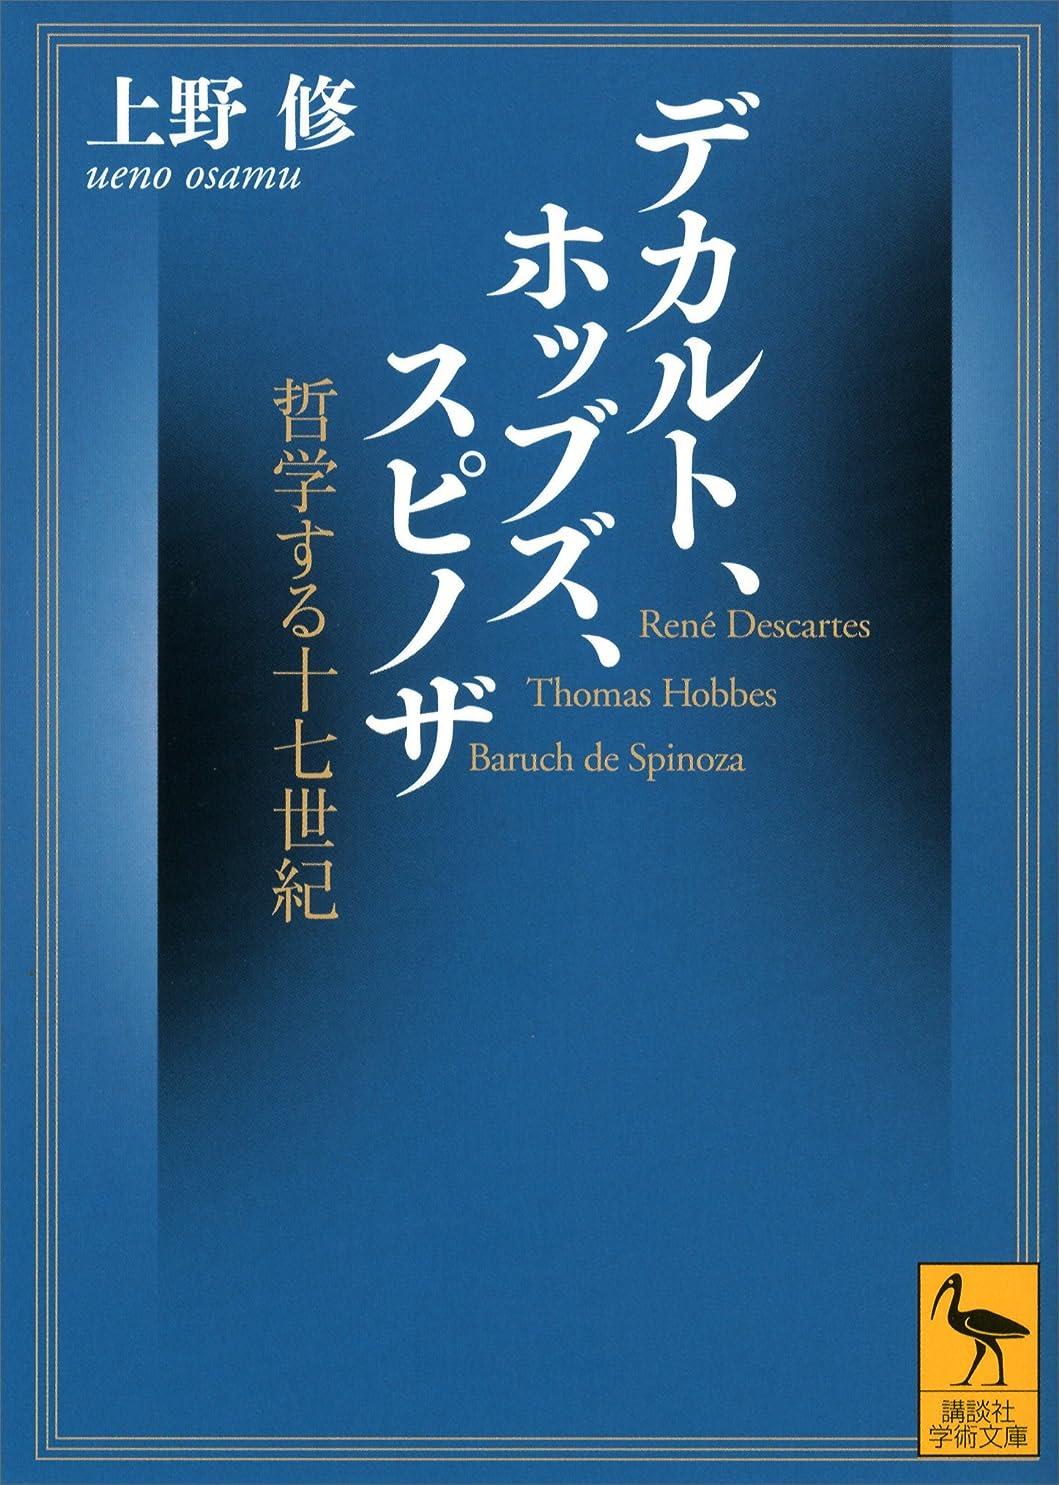 記者集めるブリードデカルト、ホッブズ、スピノザ 哲学する十七世紀 (講談社学術文庫)